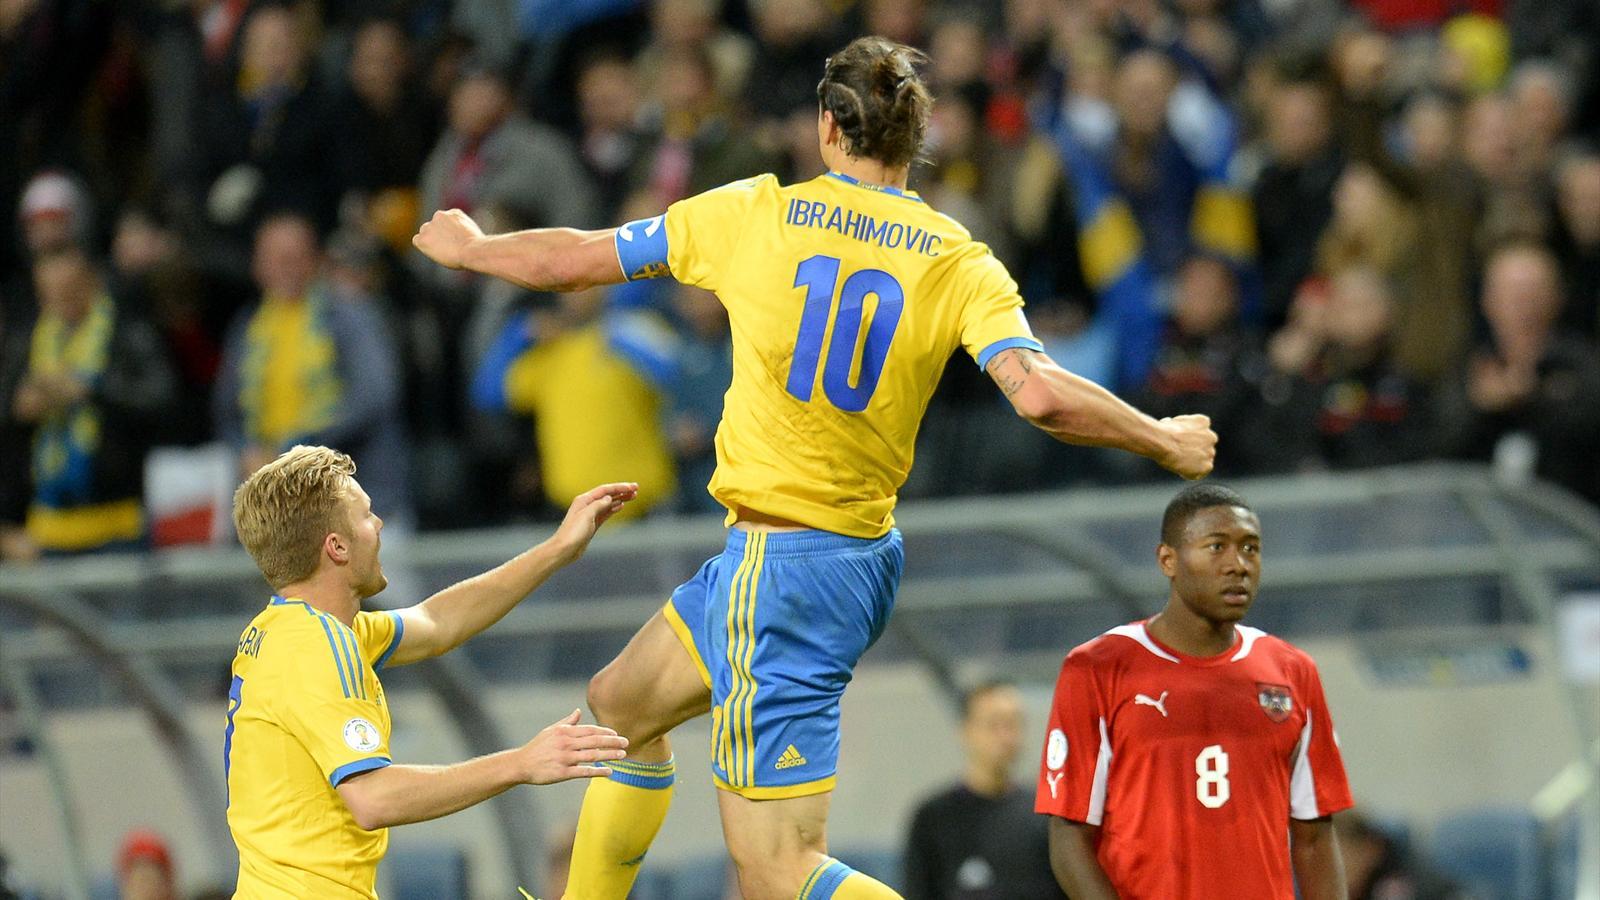 Su de autriche 2 1 zlatan ibrahimovic buteur passeur - Classement qualification coupe du monde ...